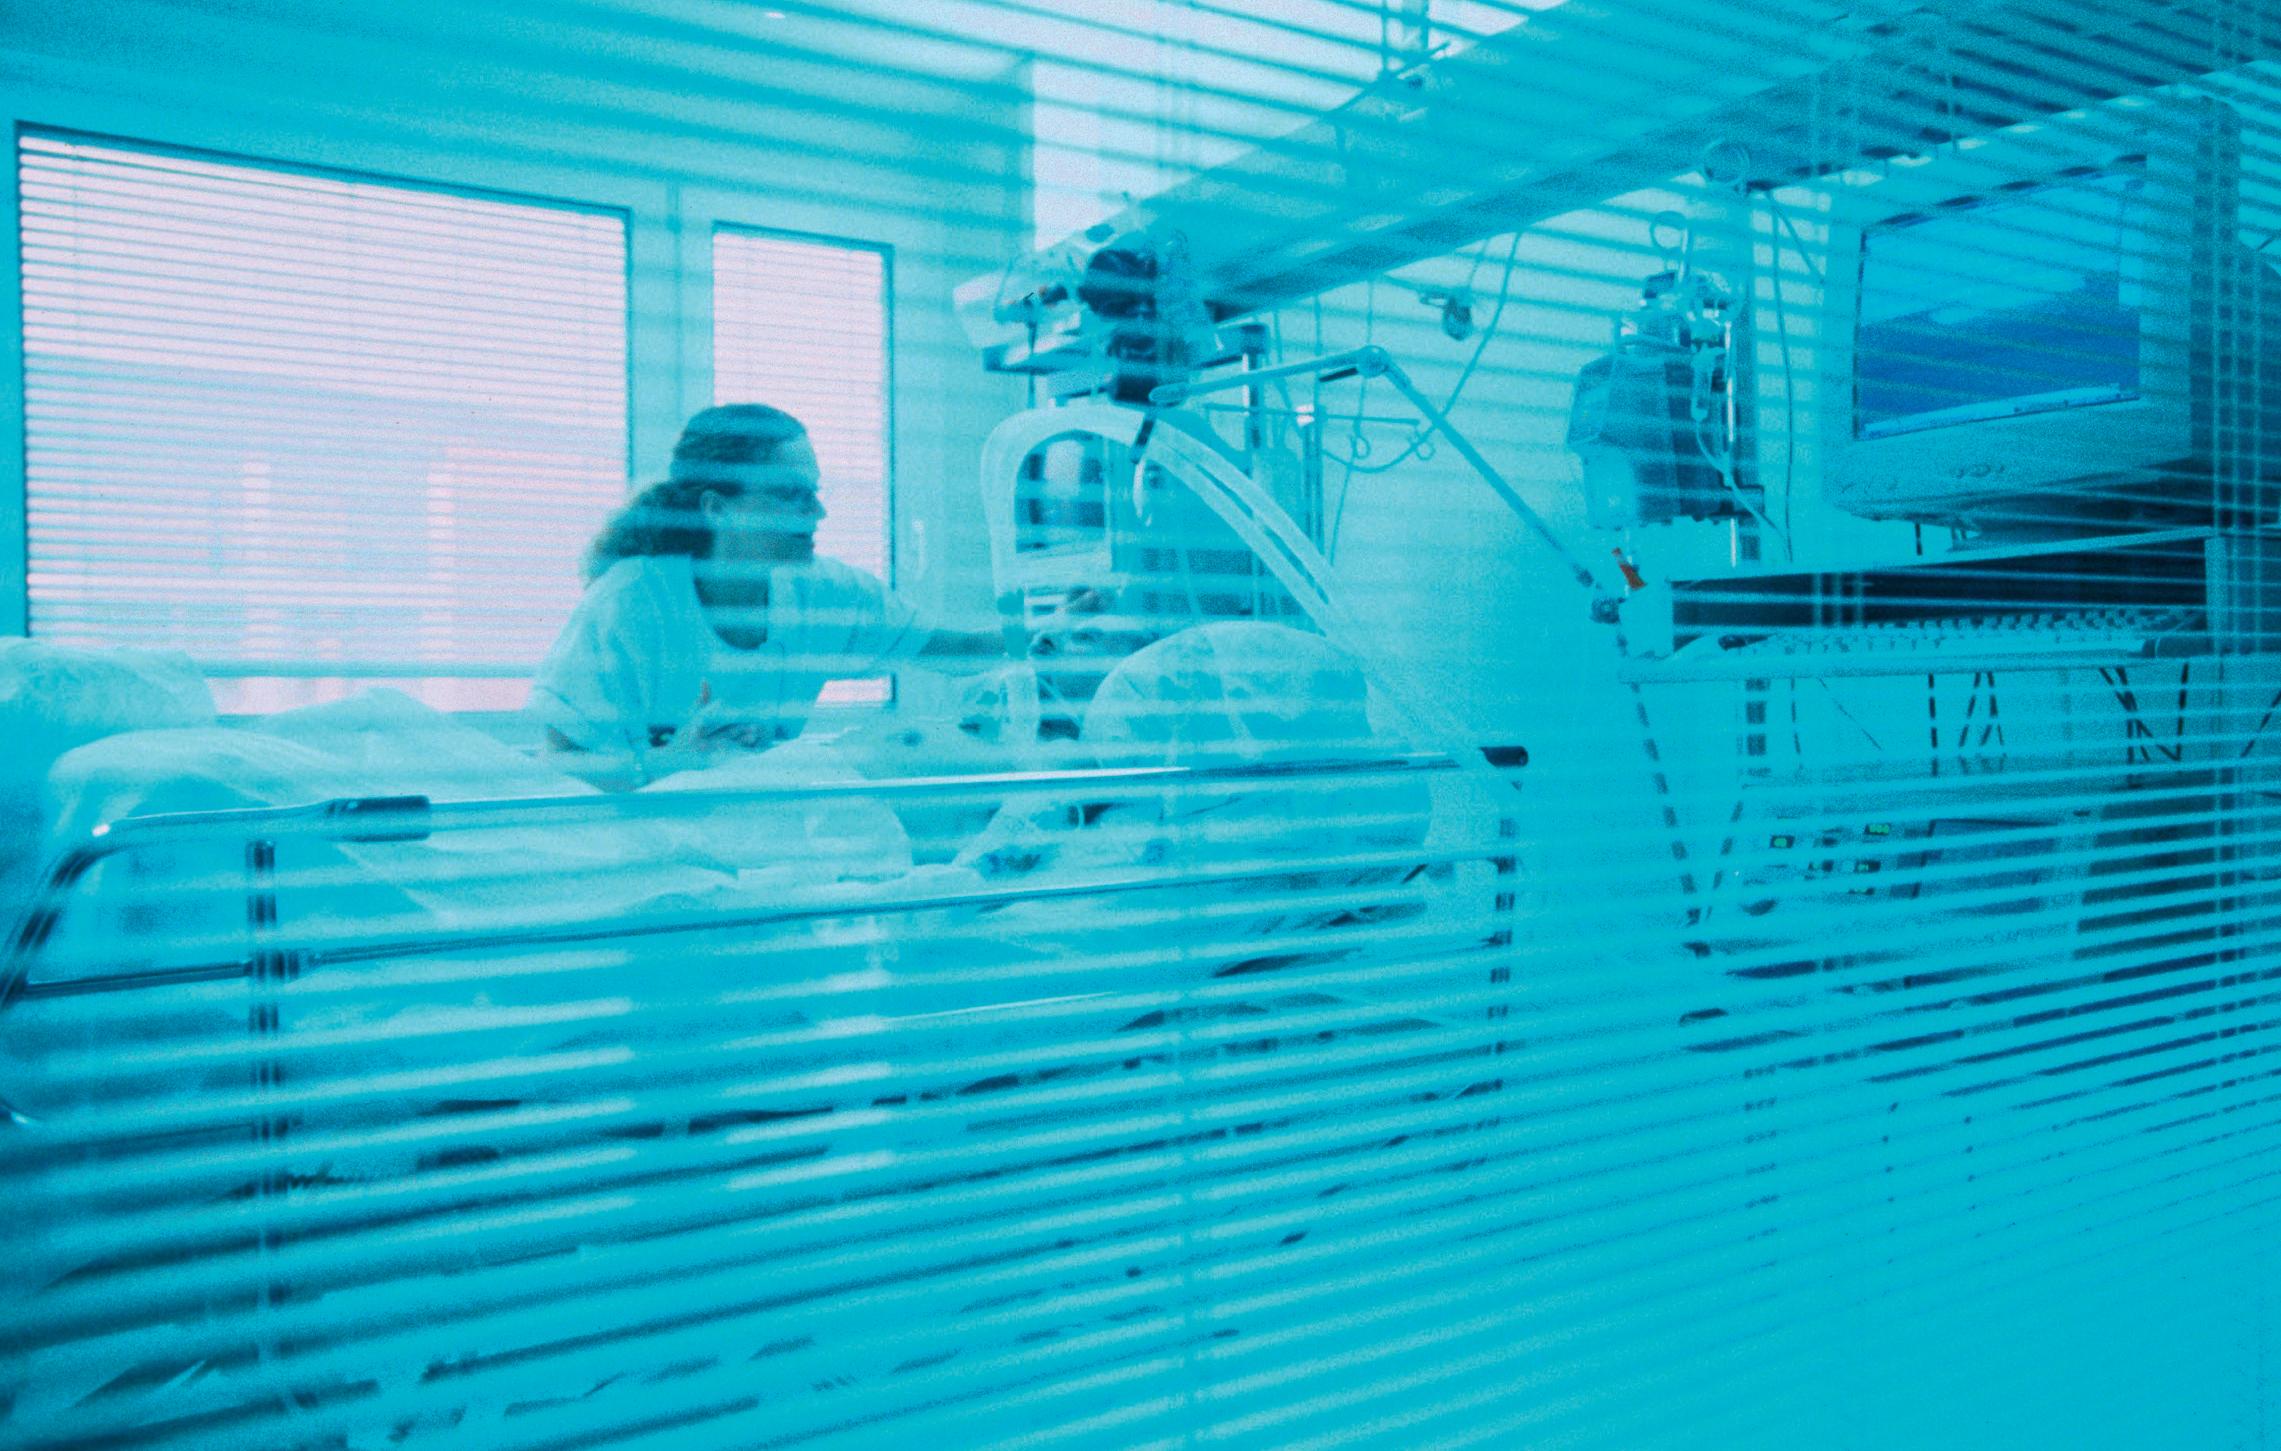 Intensivmedizin Intensivpflegemangel Führt Zu Drohender Unterversorgung